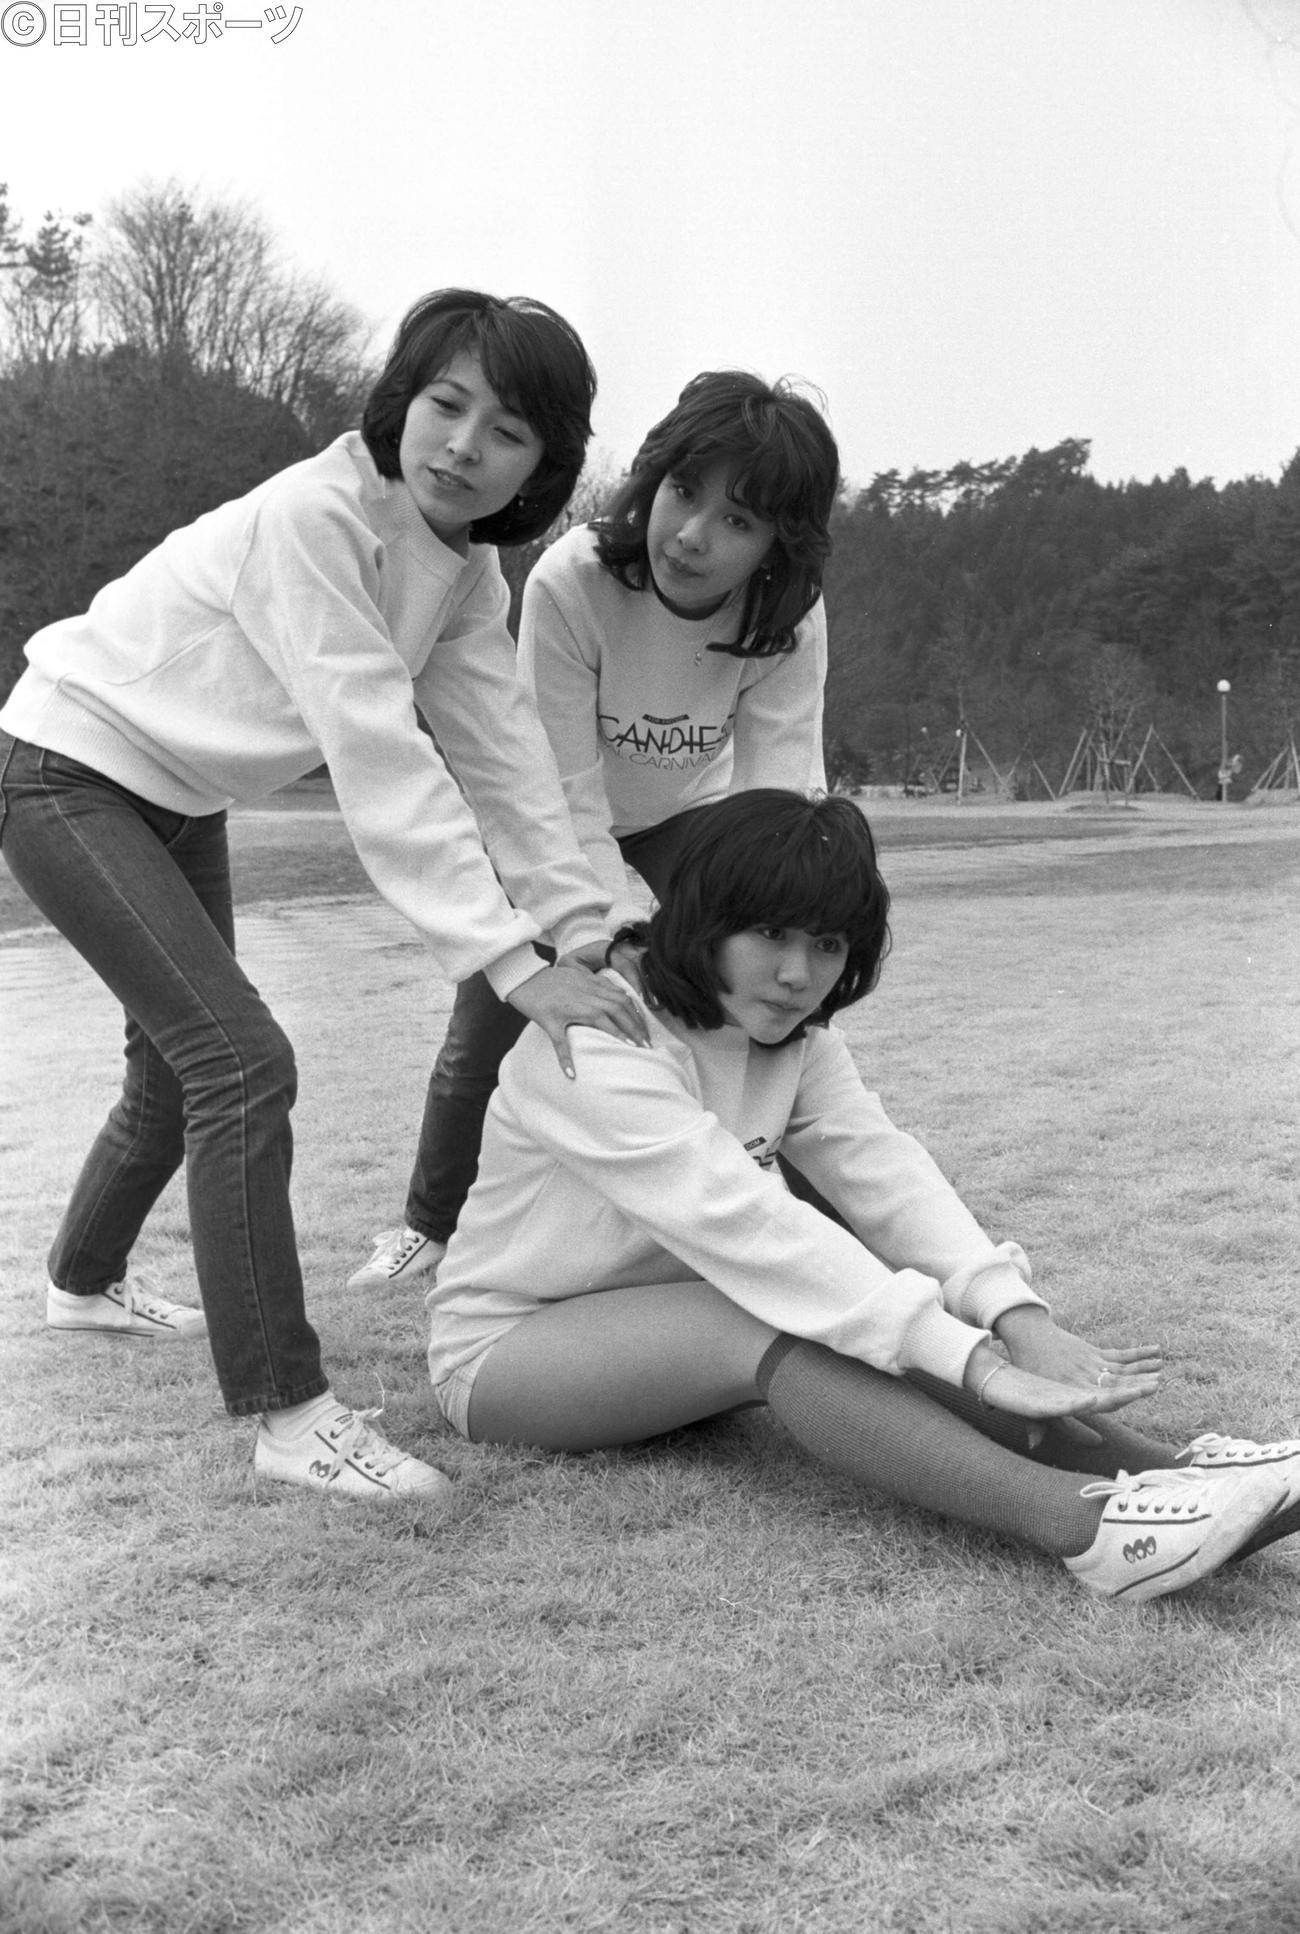 78年3月9日、解散コンサートへ向け、つま恋で合宿する田中好子さん(下)らキャンディーズ。左が藤村美樹さん、奥は伊藤蘭